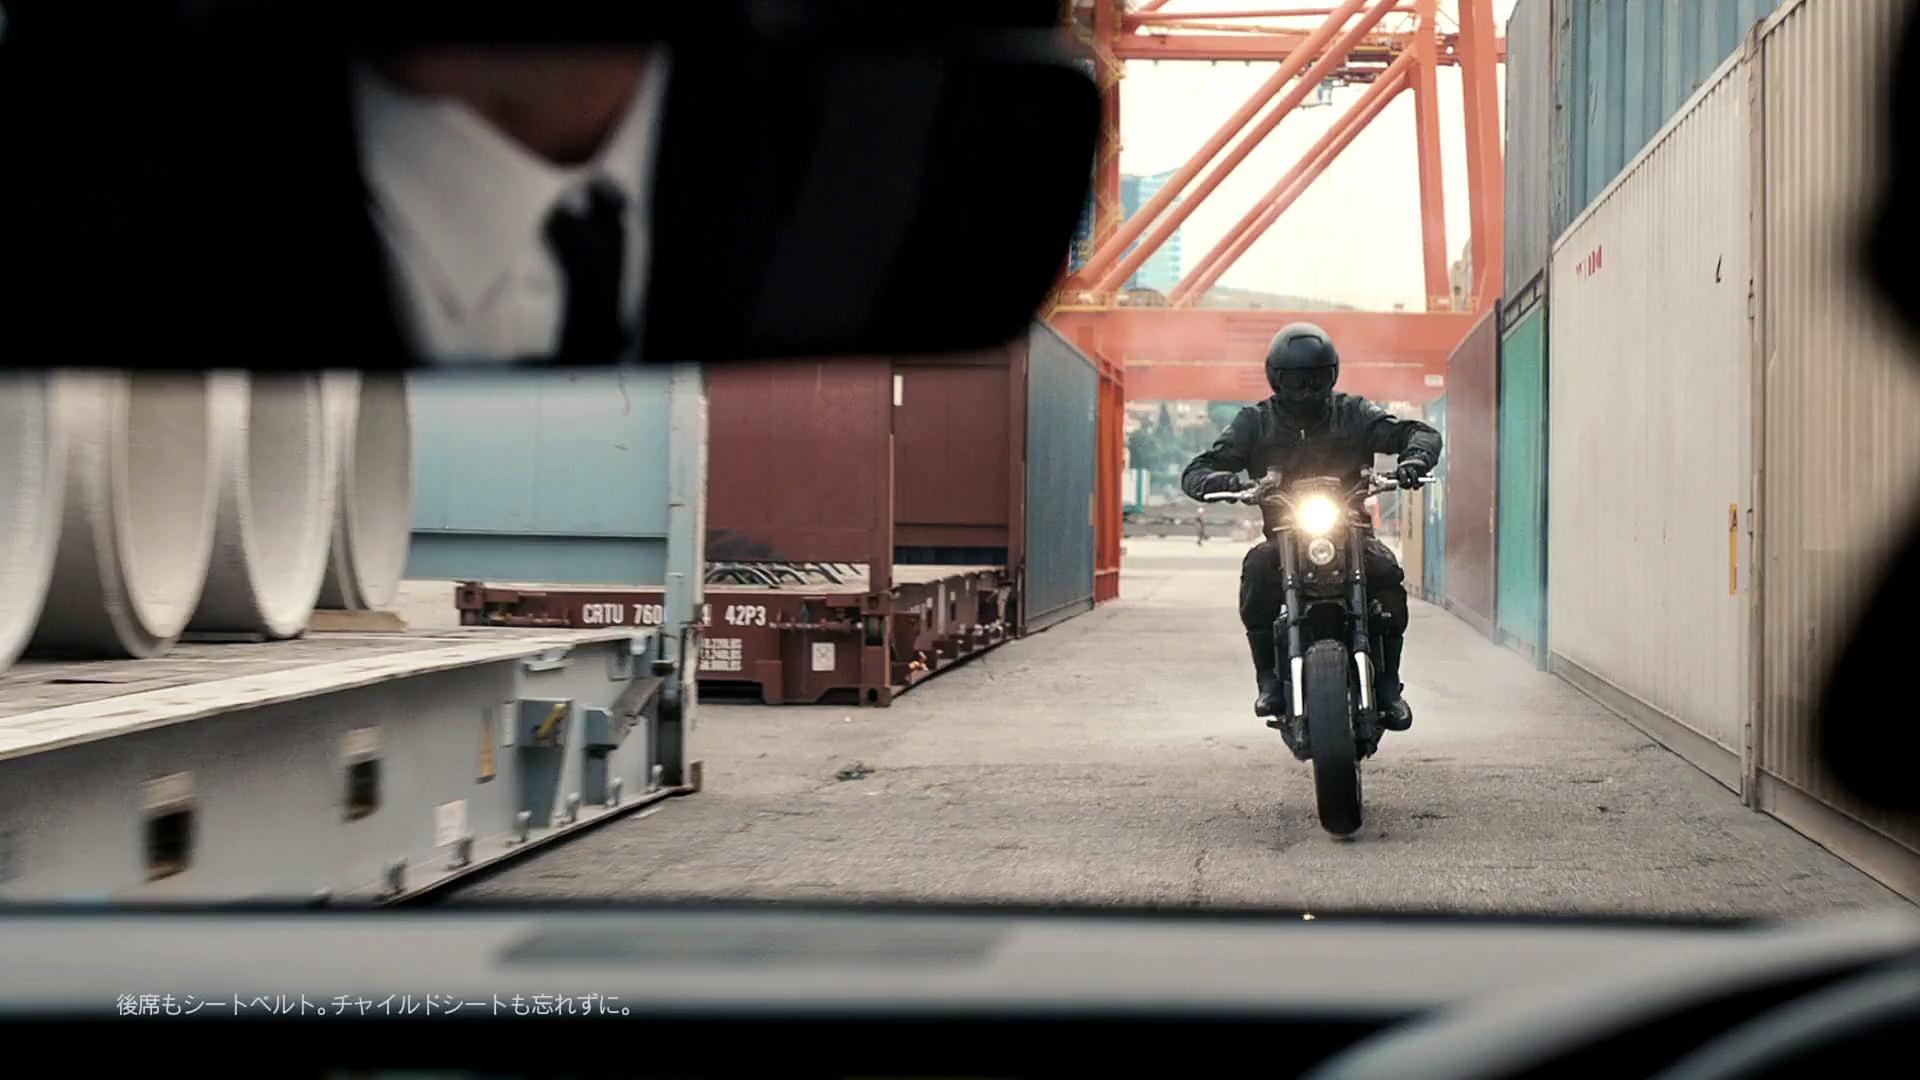 Lexus : Amazing